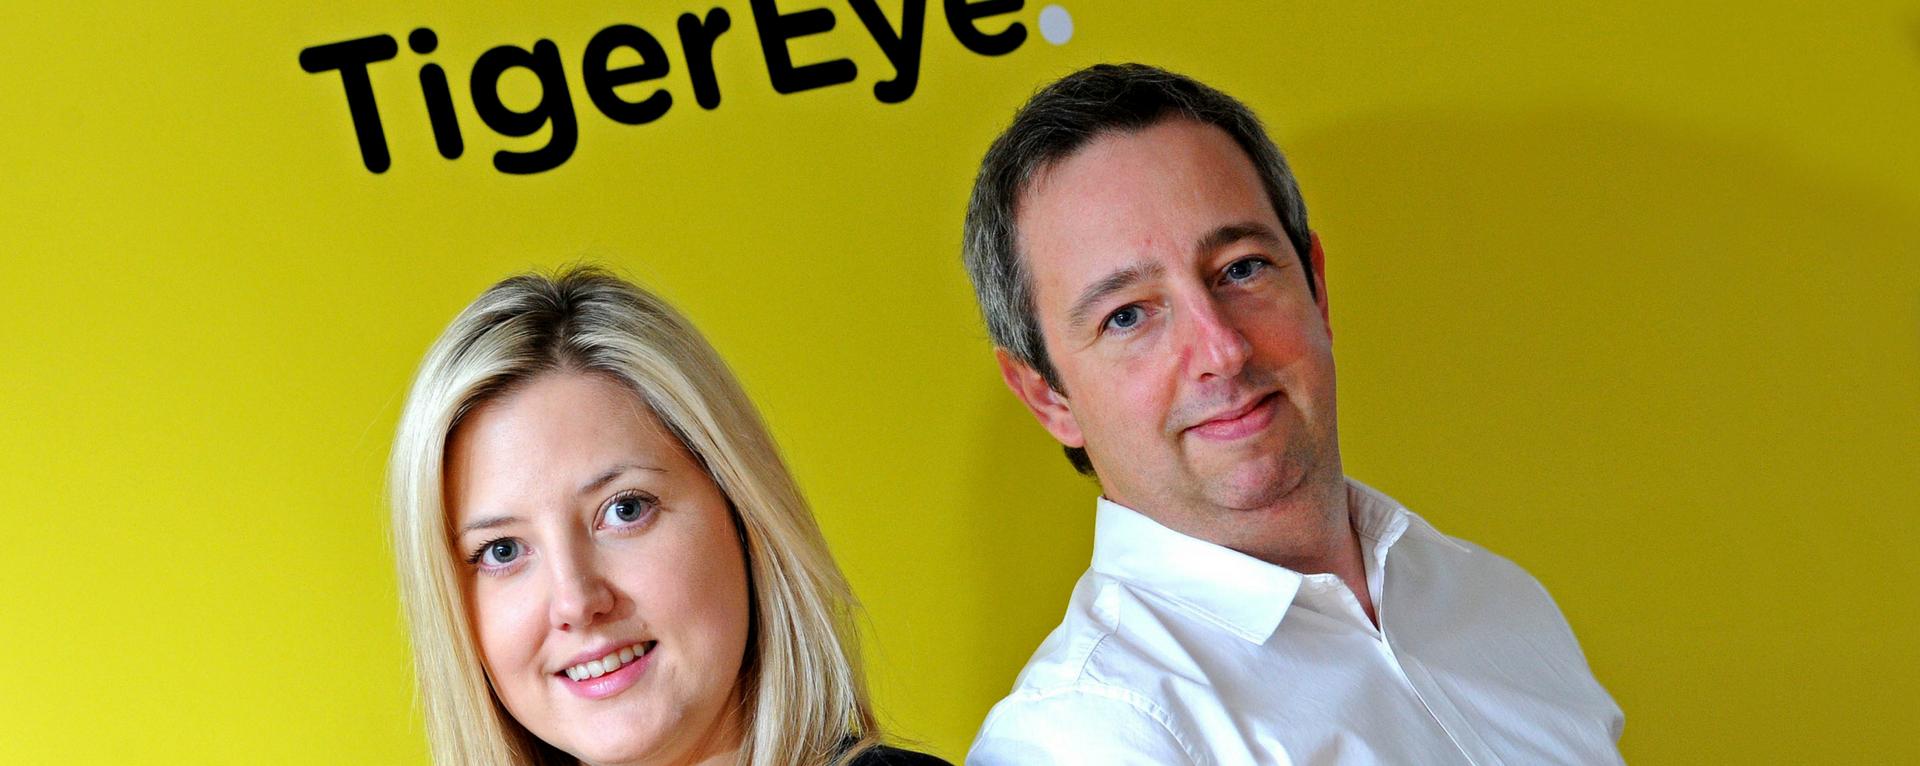 Tiger Eye Digital Davor Parker and Laura Blackburn